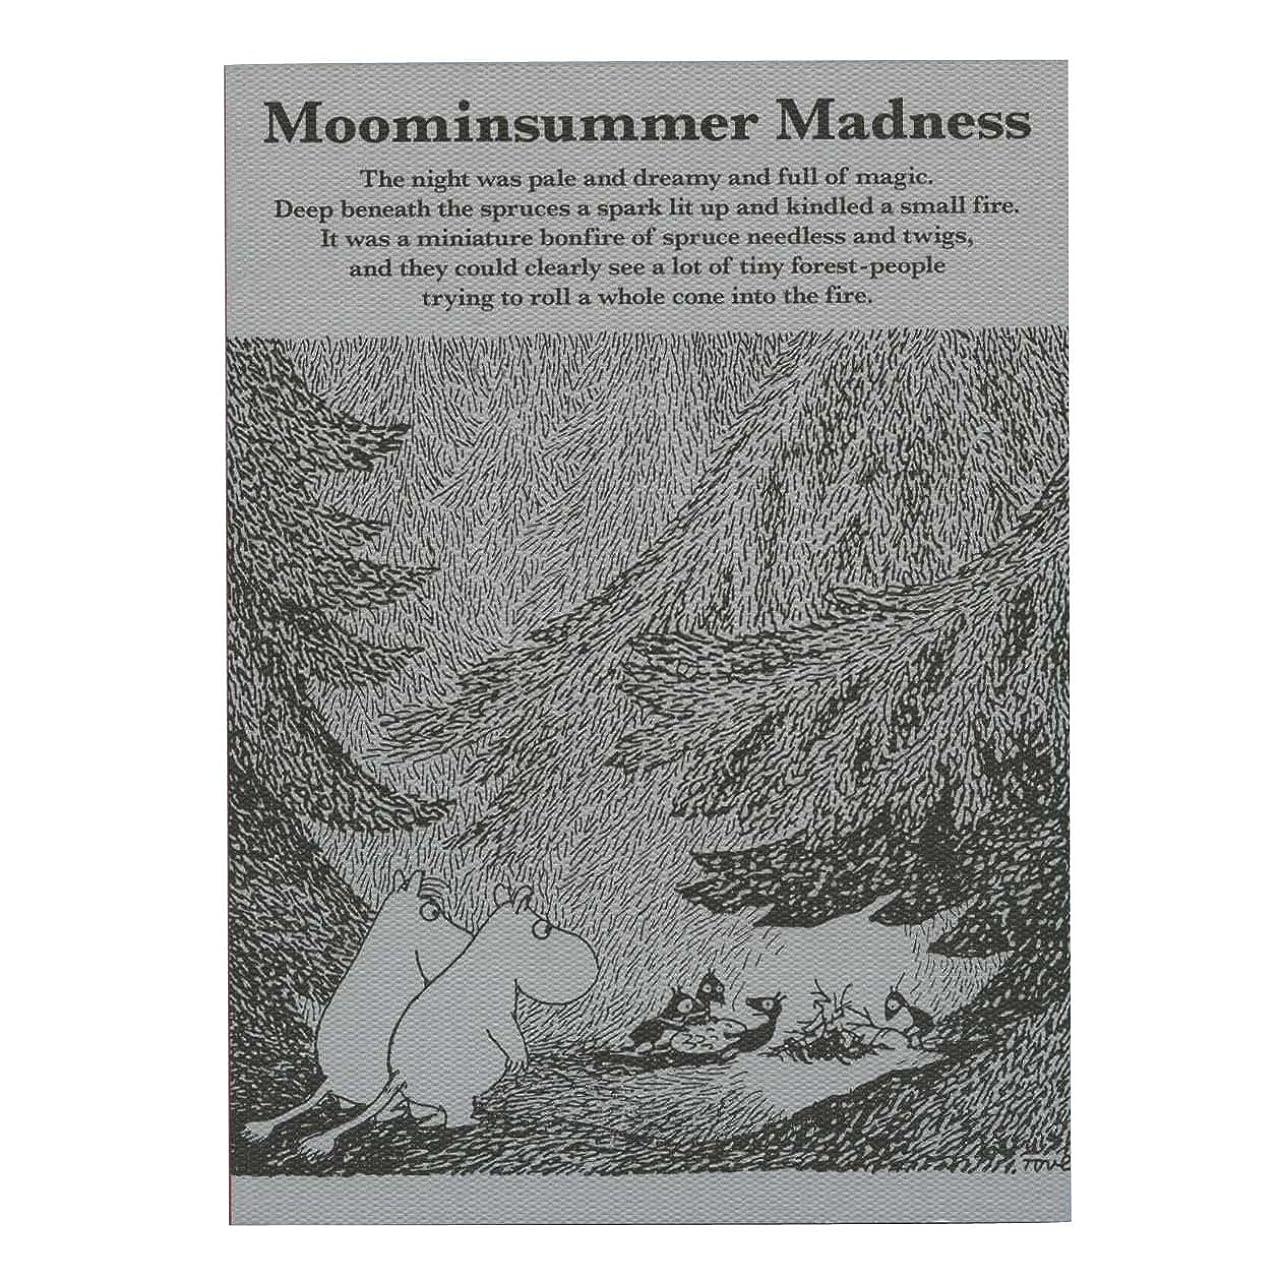 A6サイズ MOOMIN/ムーミン ブランクノート 【D】 MM001-D